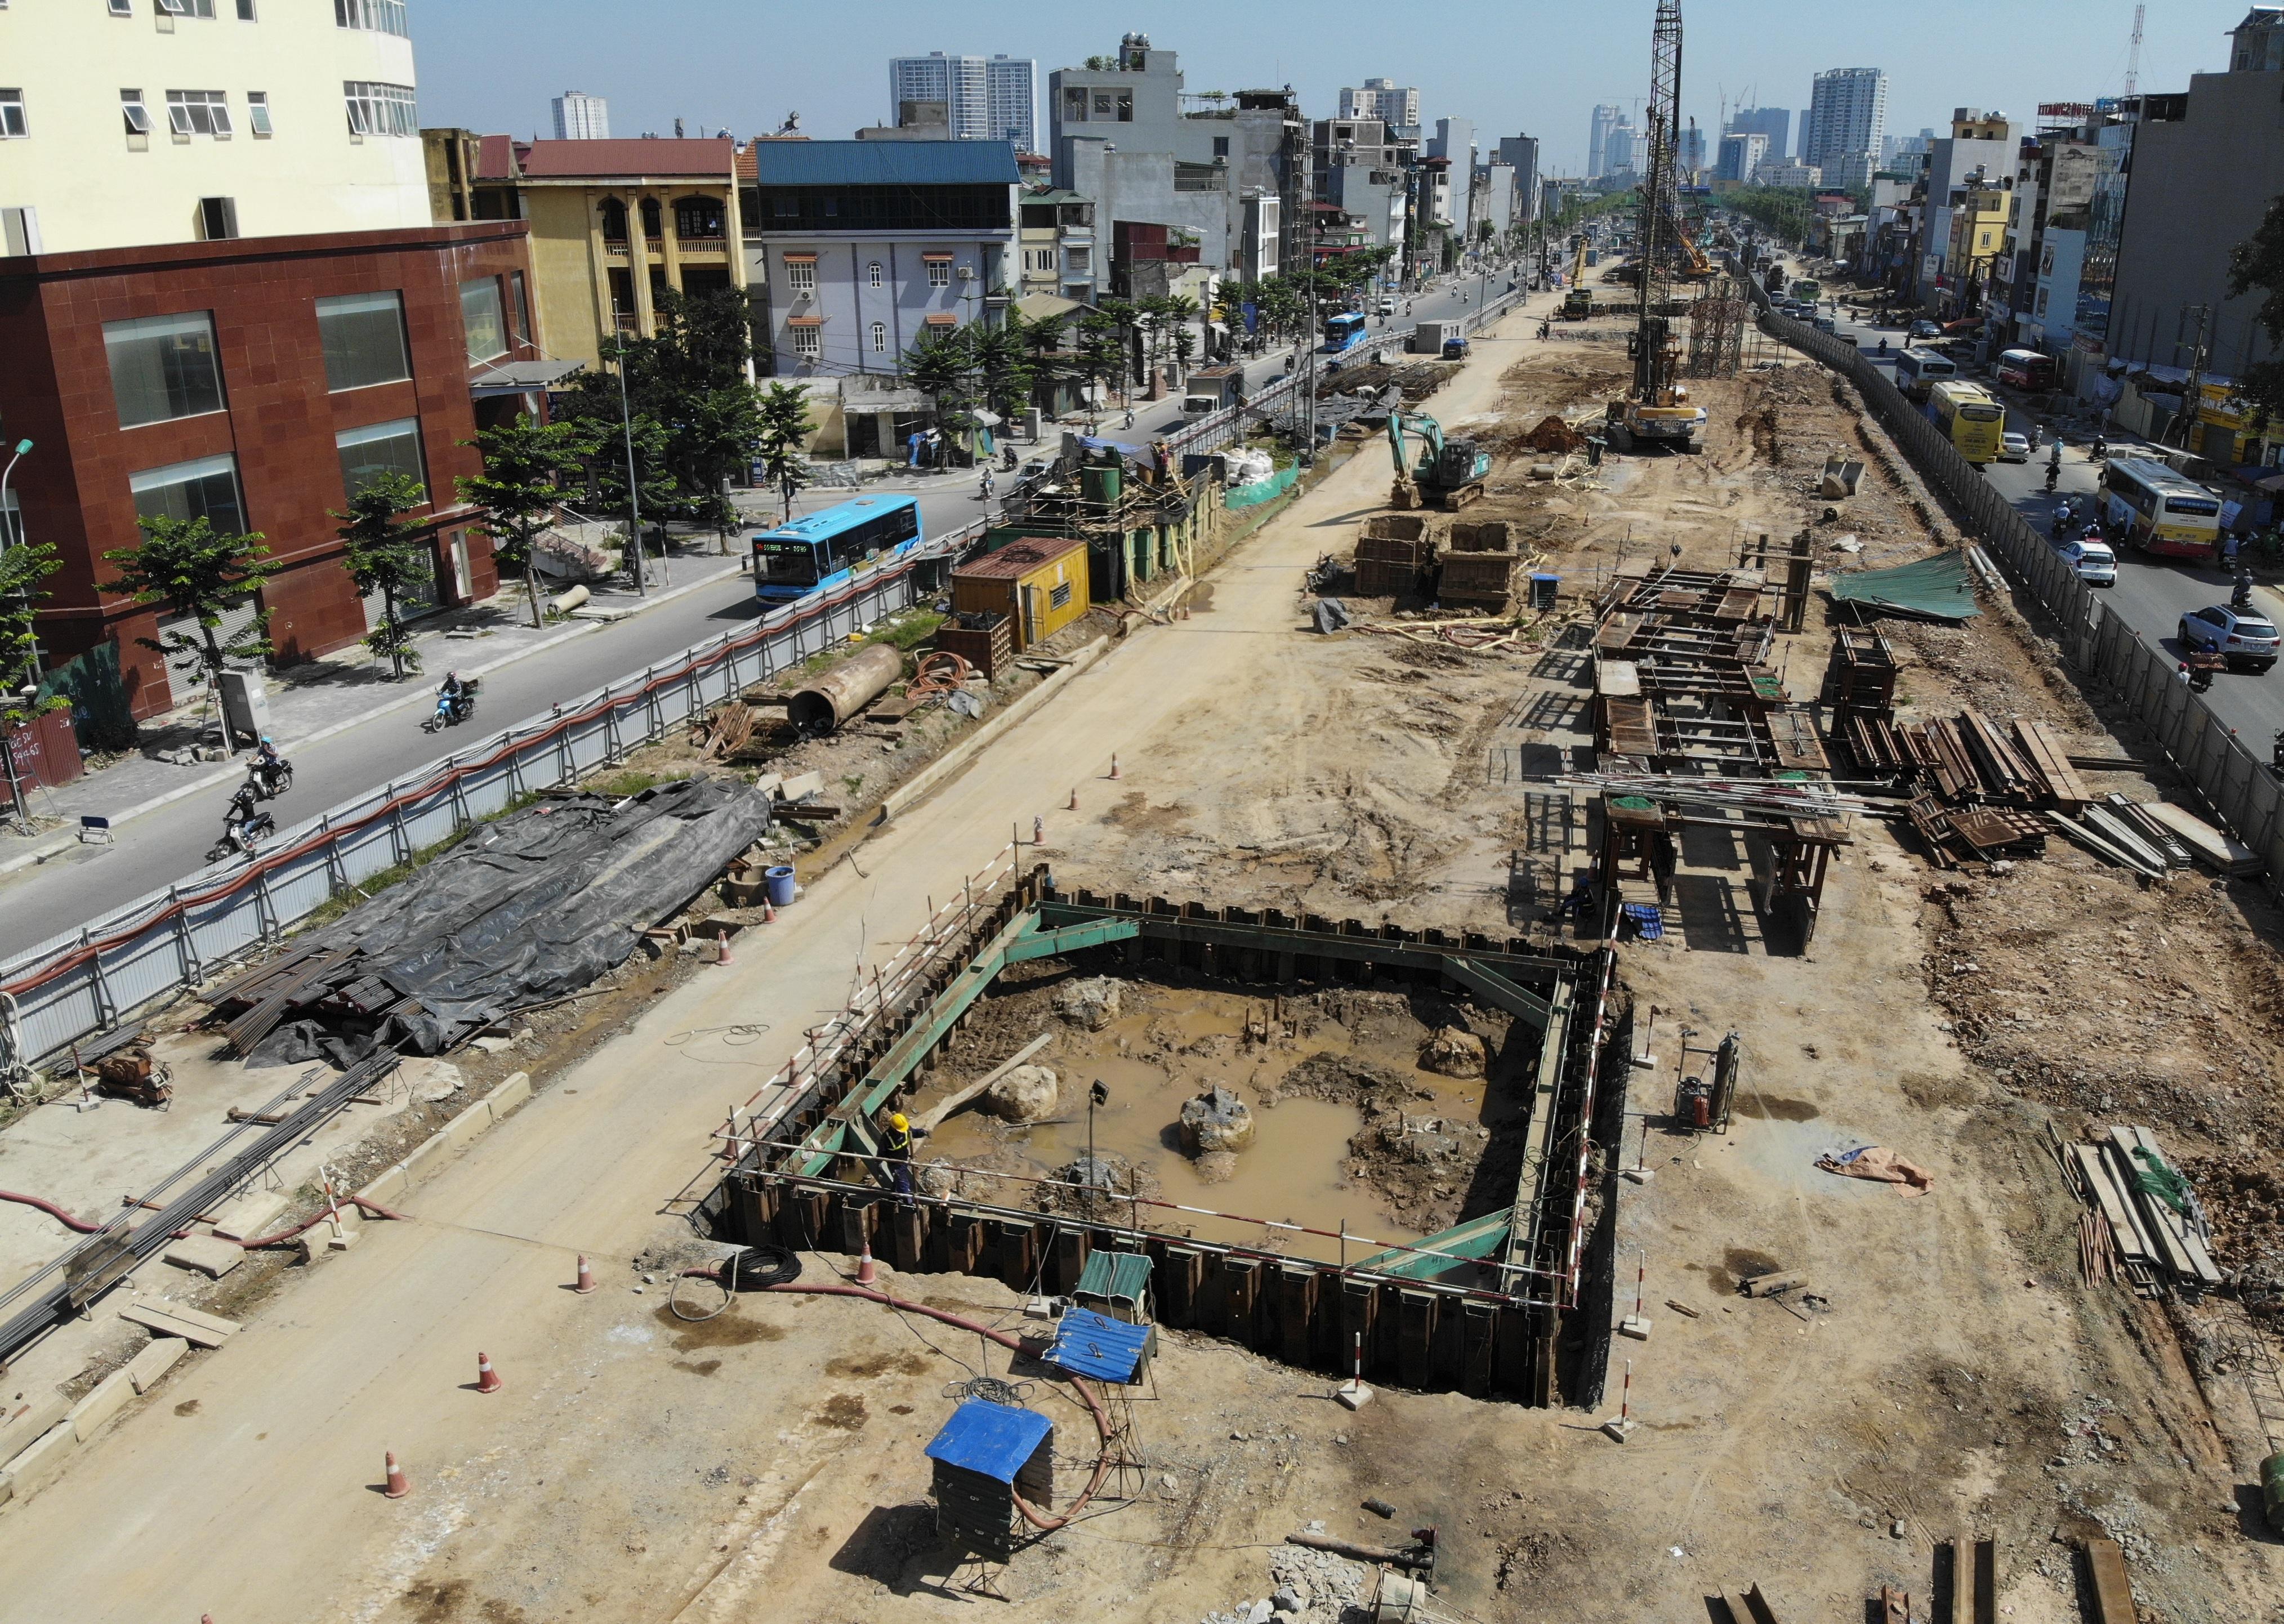 Toàn cảnh đại công trường đường 8.500 tỷ đồng ở cửa ngõ Hà Nội - 5